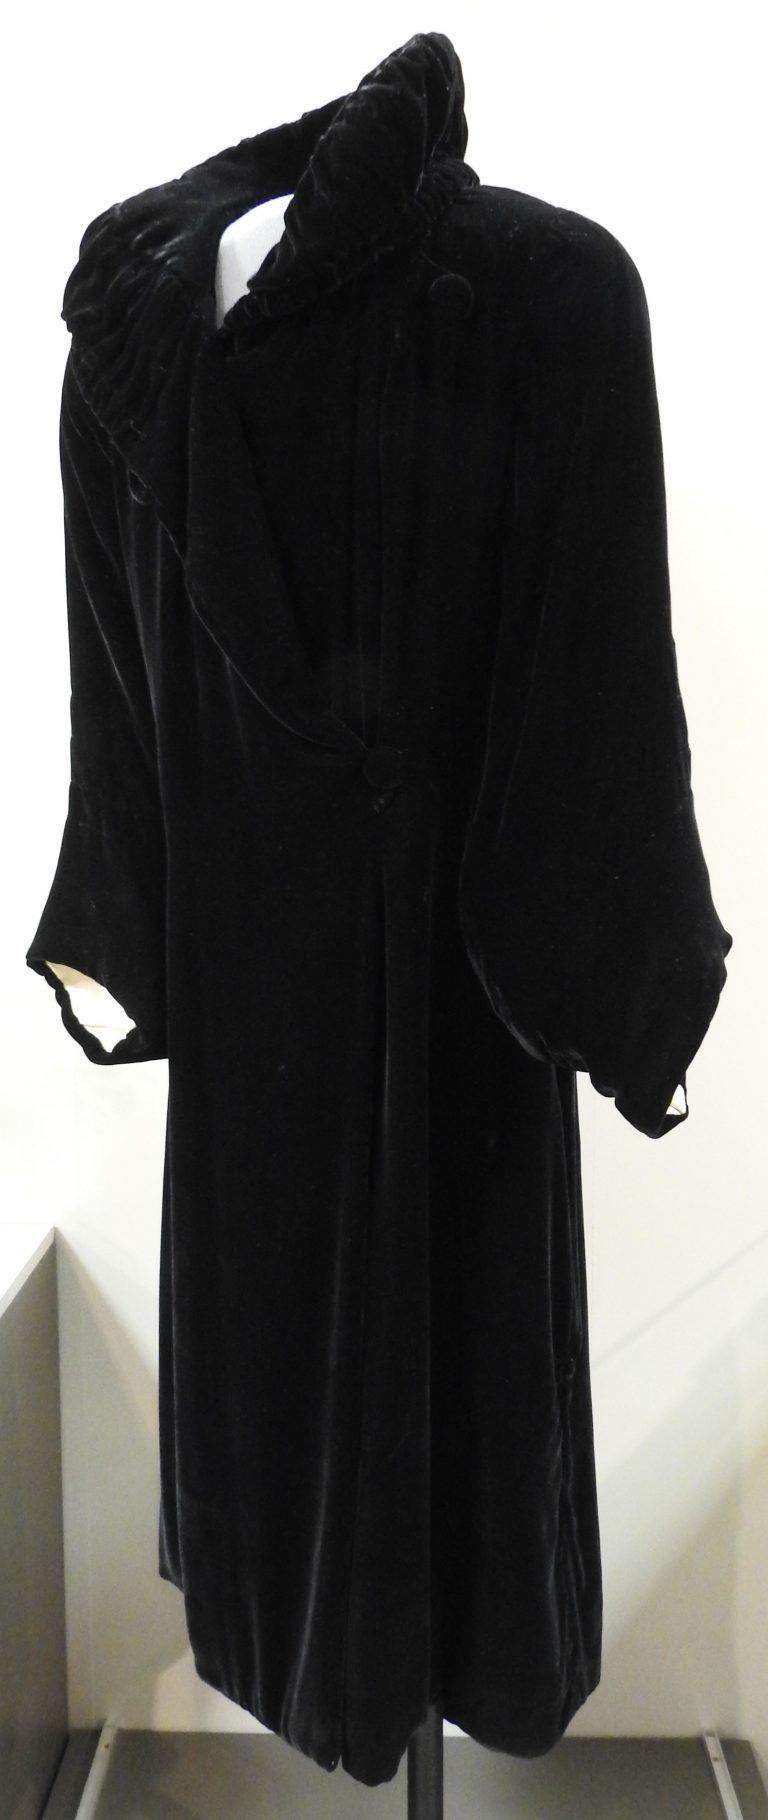 Velvet Opera Coat, 1920. Generously donated by Mrs. B.J. Stolz, 73-73-2.